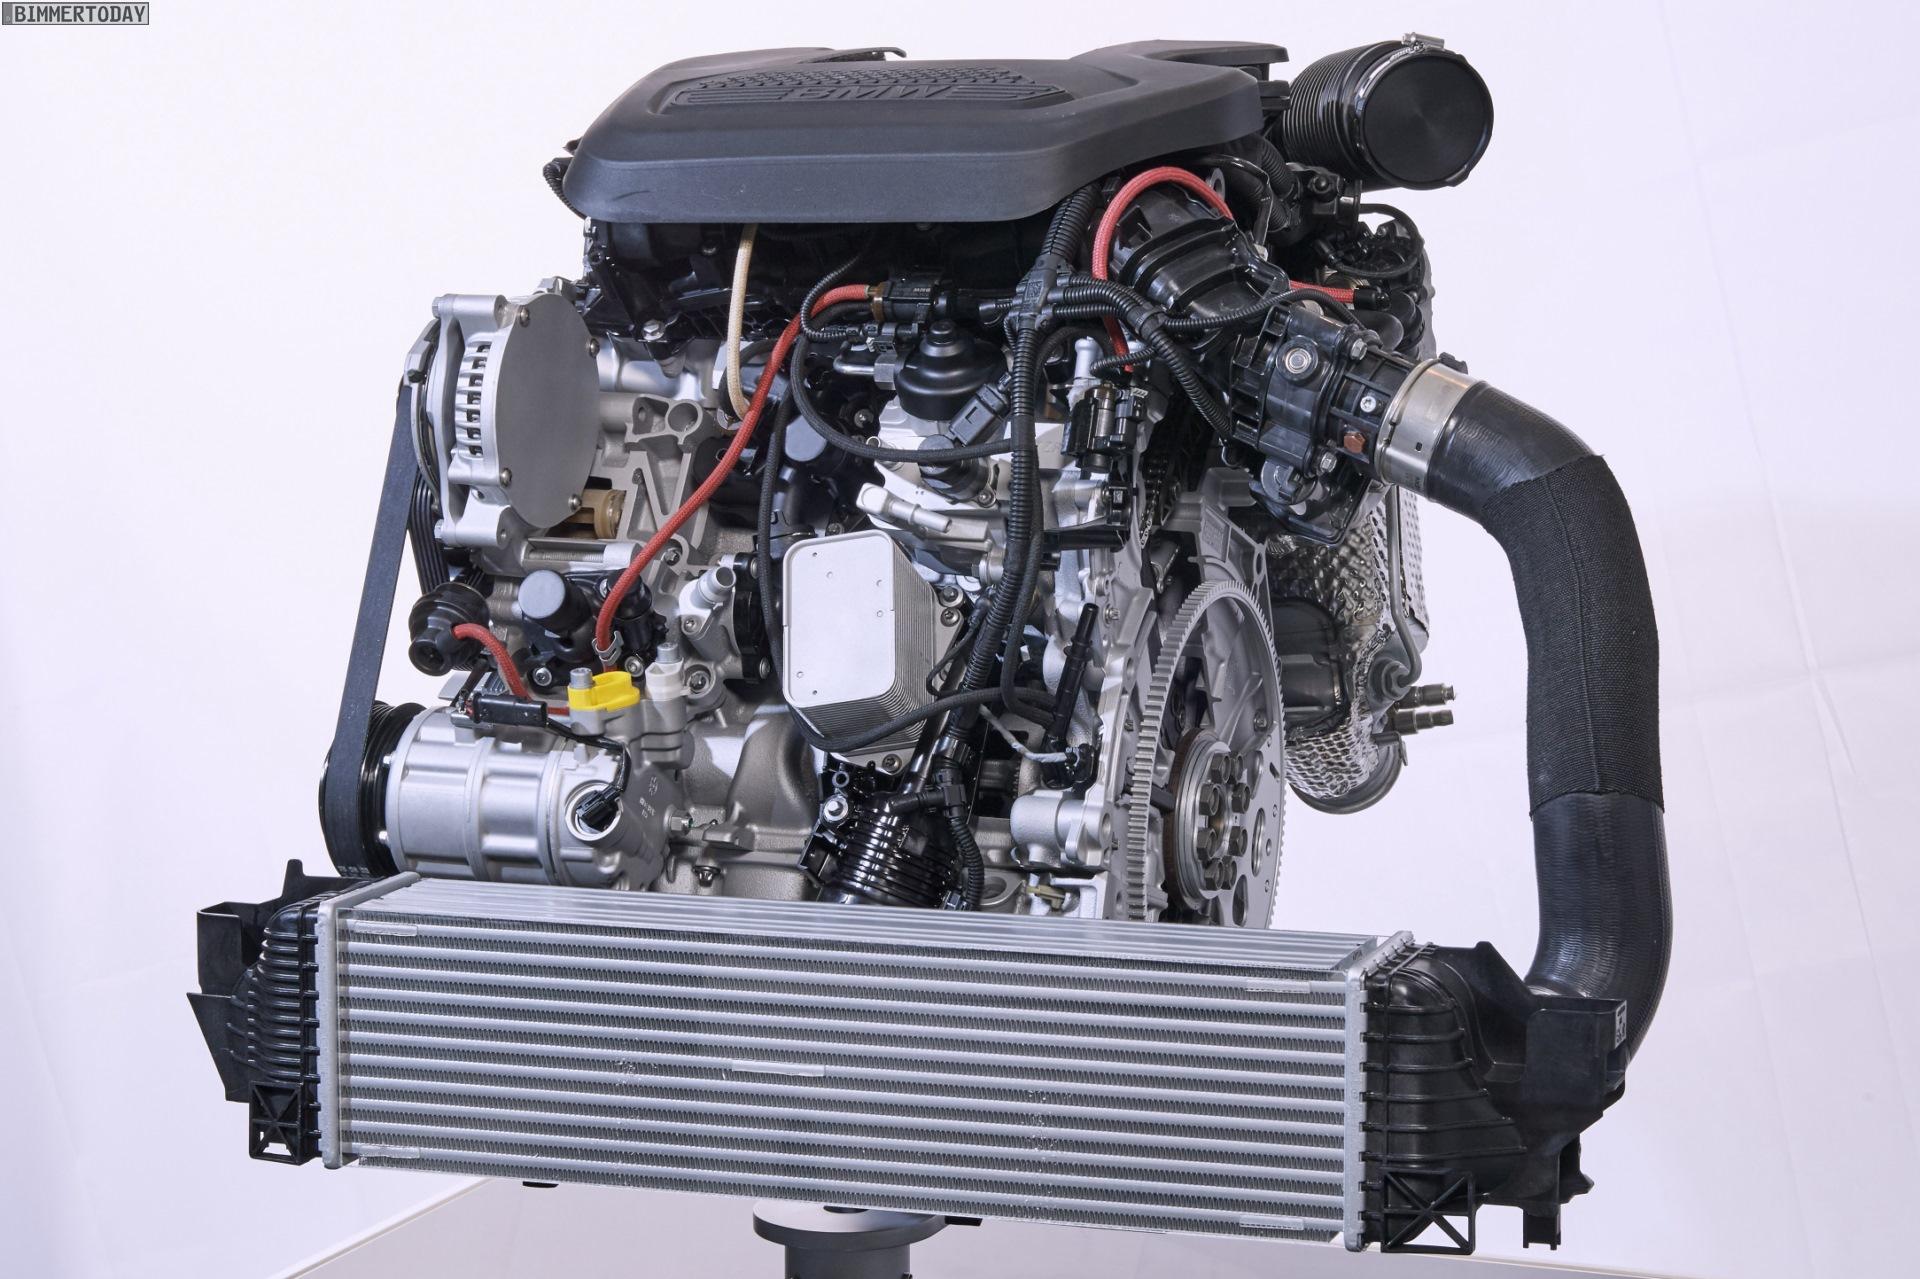 Bmw B47 T 220 1 Alle Vierzylinder Diesel Mit Biturbo Aufladung